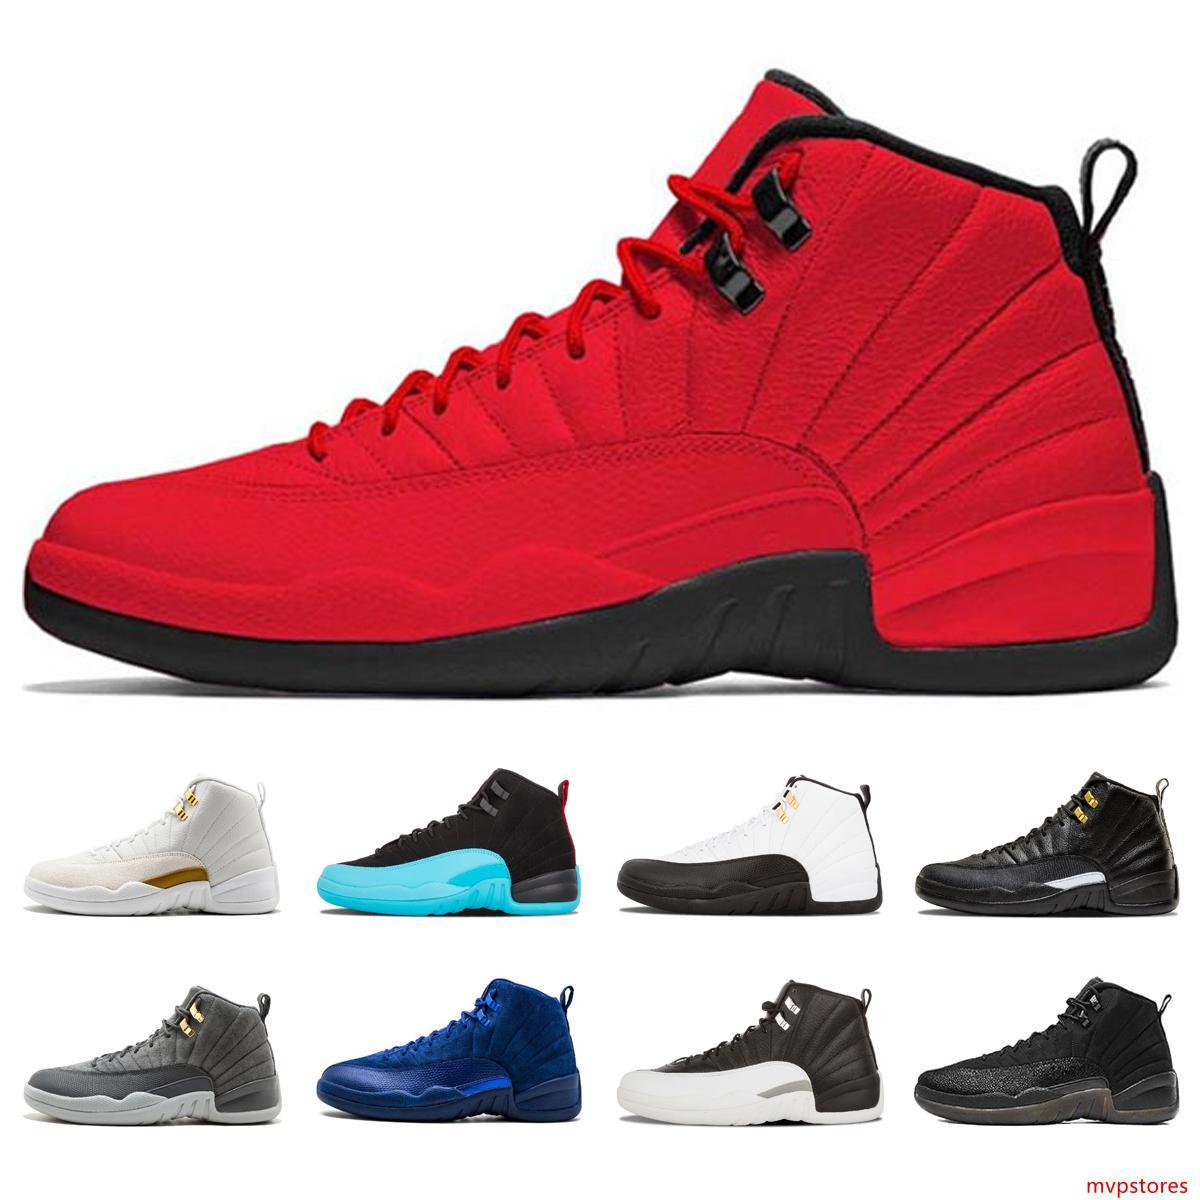 Sıcak Satış 12 erkek Basketbol ayakkabıları beyaz playoff GS Barons taksi usta siyah boğa spor salonu 12s Basketbol spor ayakkabıları 41-47 EUR'dur kırmızı